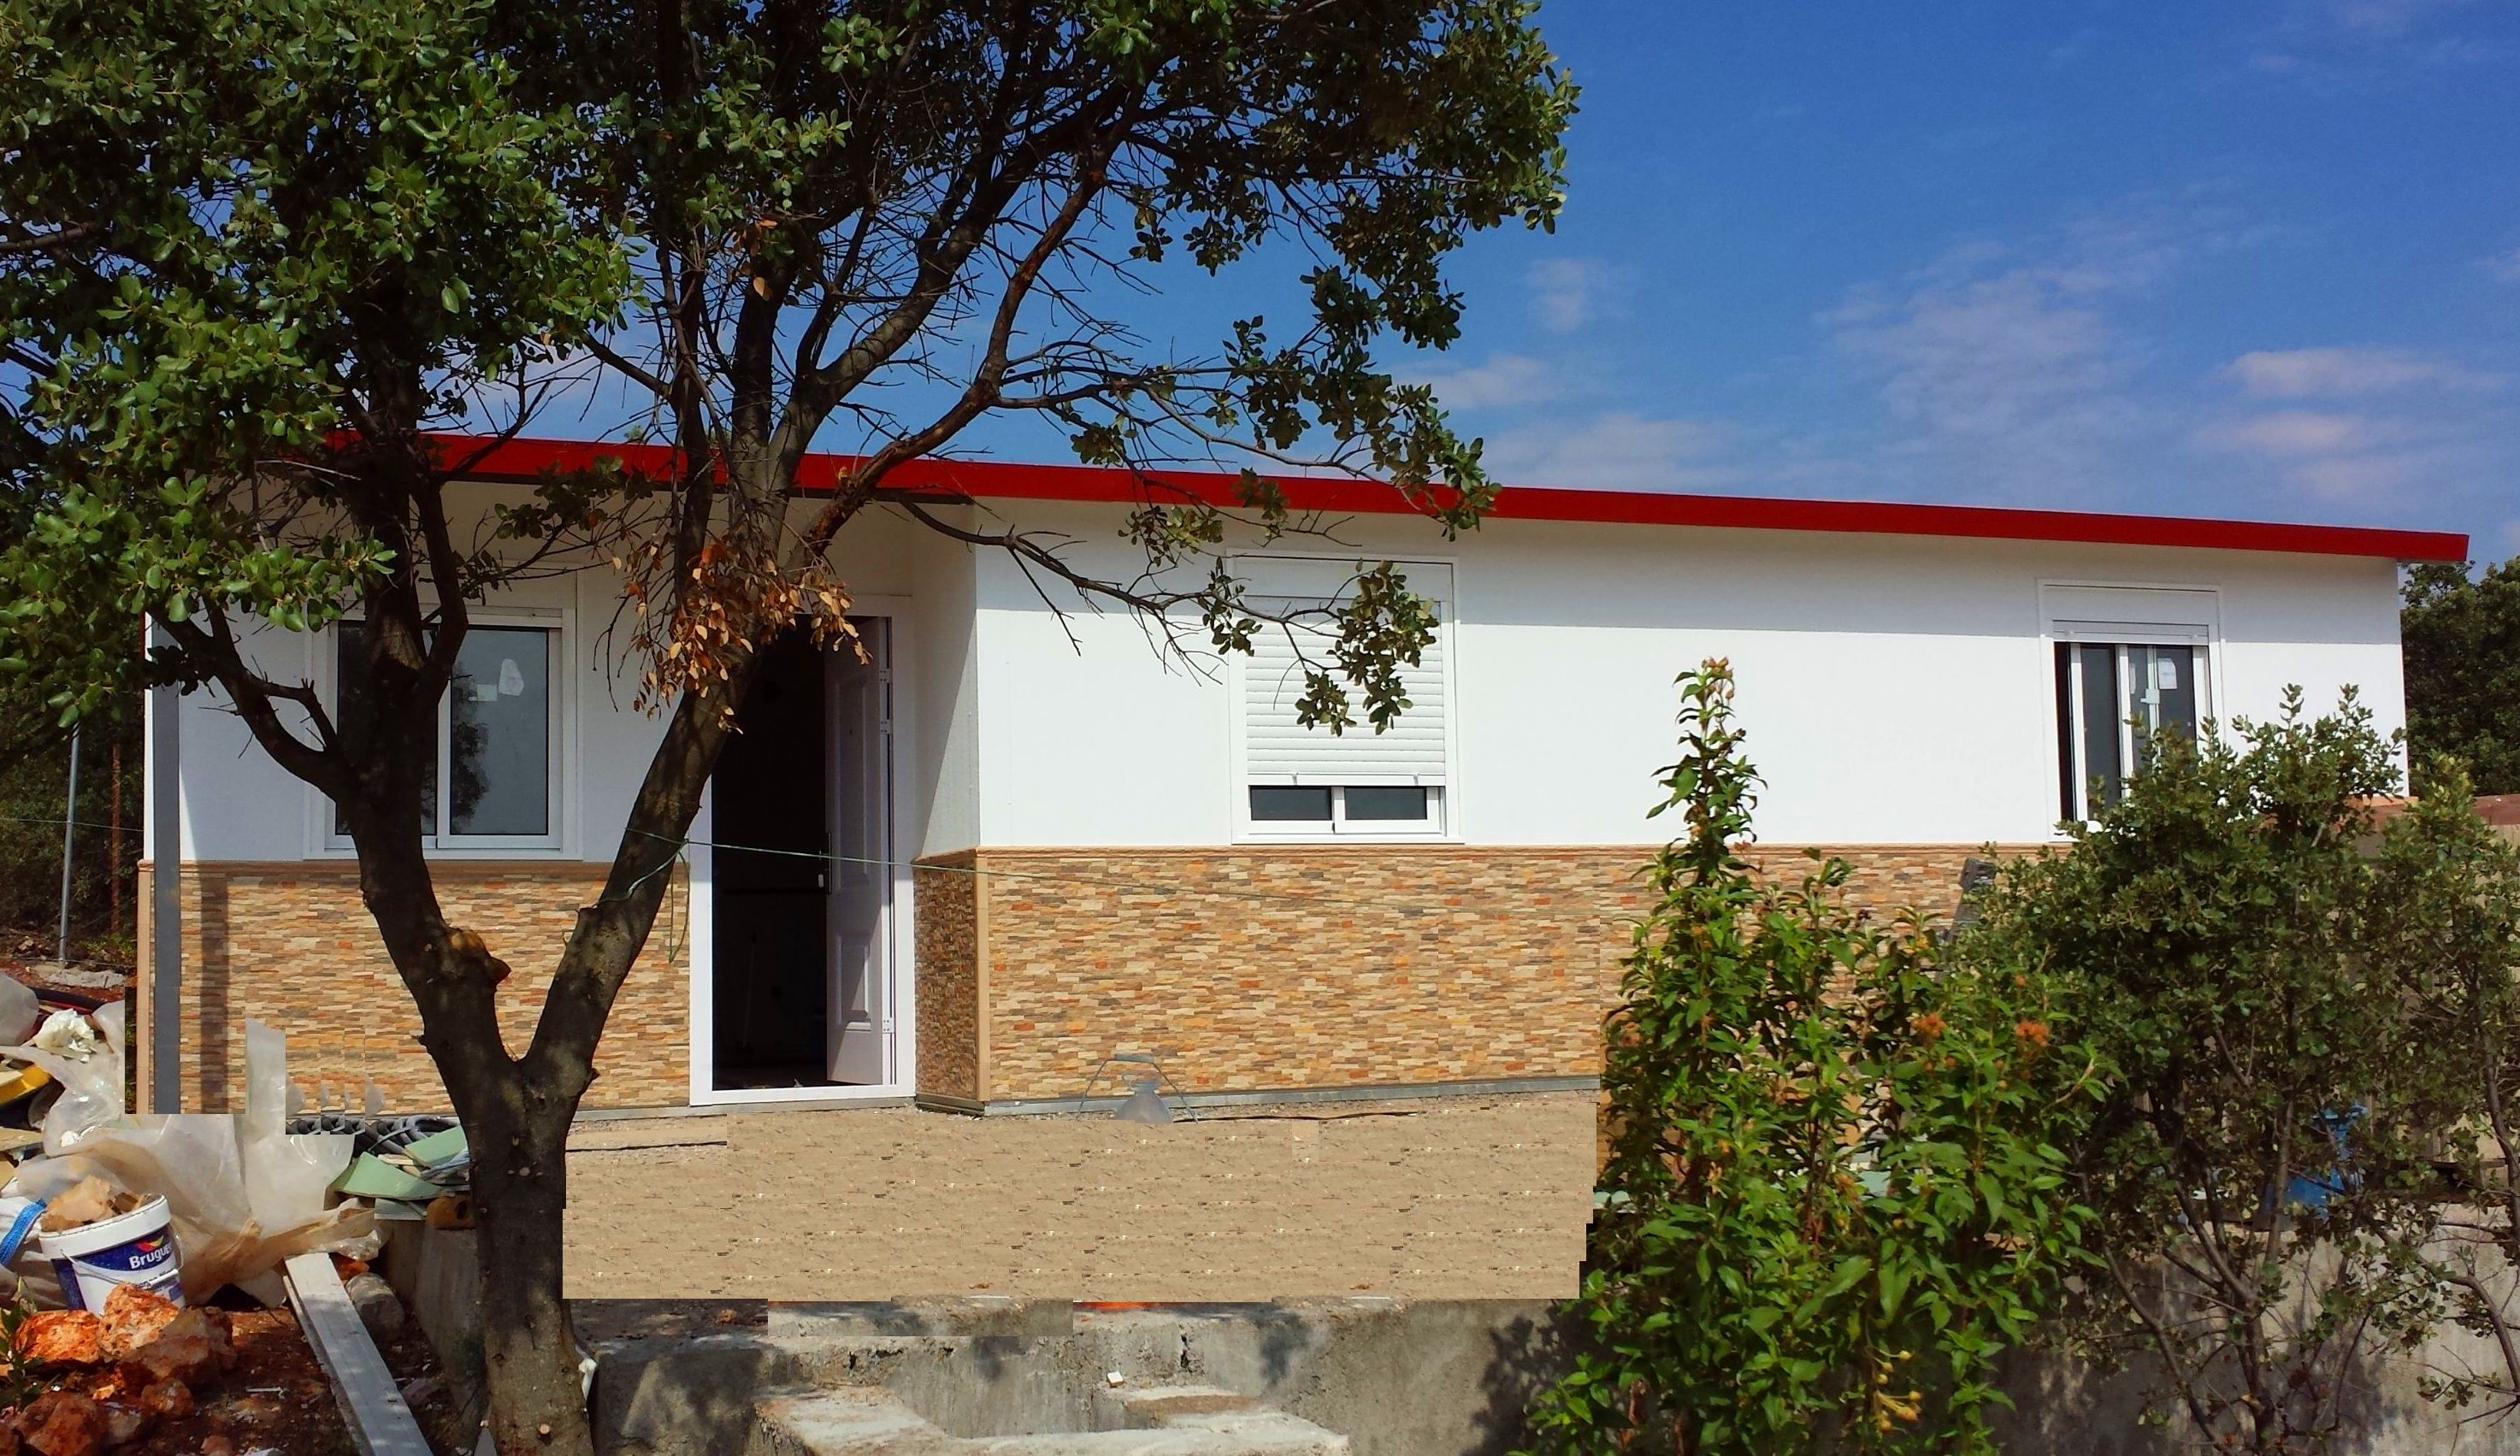 Foto 61 de Casas prefabricadas en Humanes | Wigarma